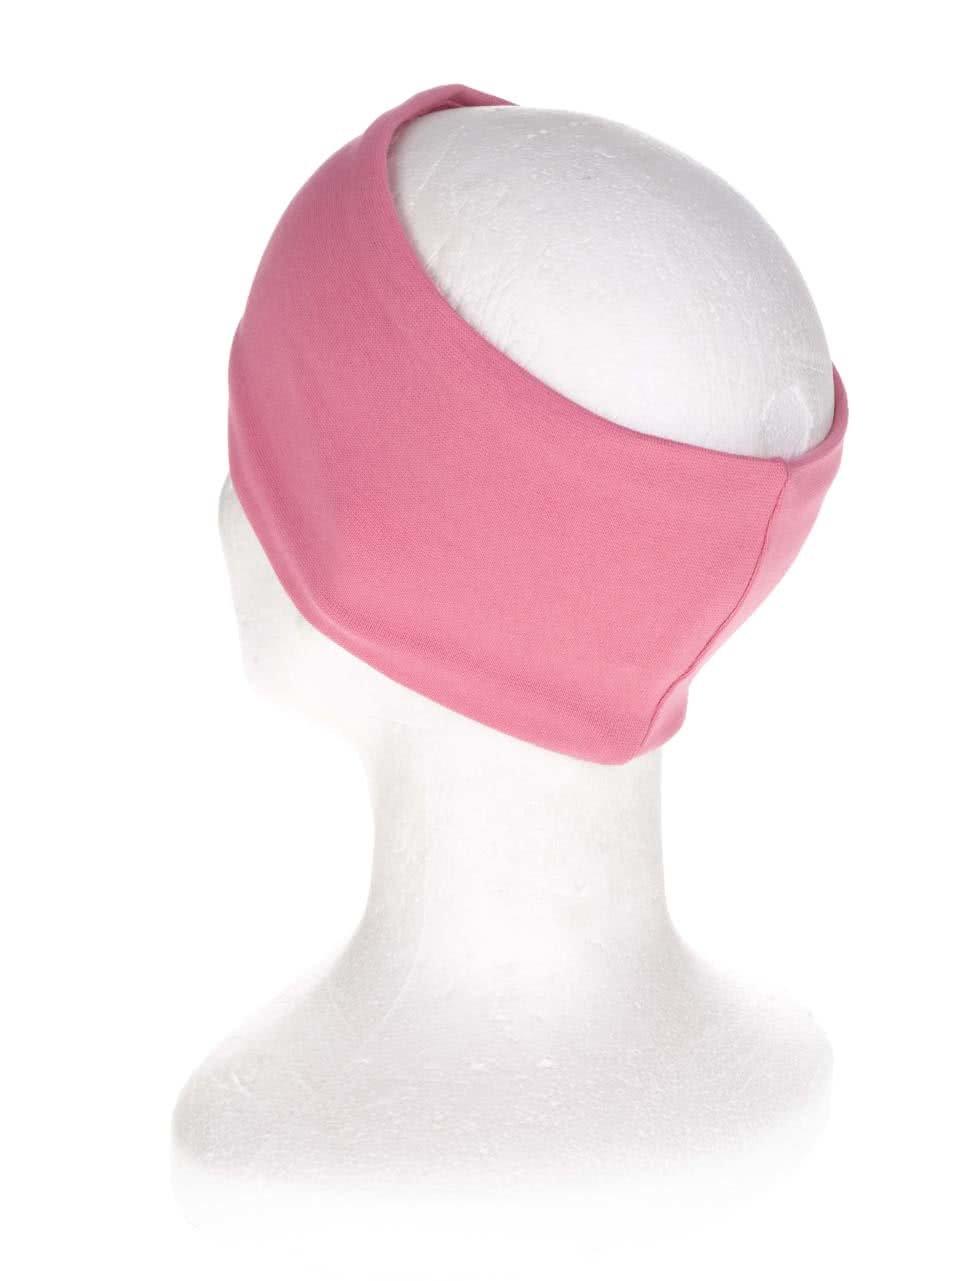 Růžová holčičí čelenka s potiskem name it Moppy ... 2693686846